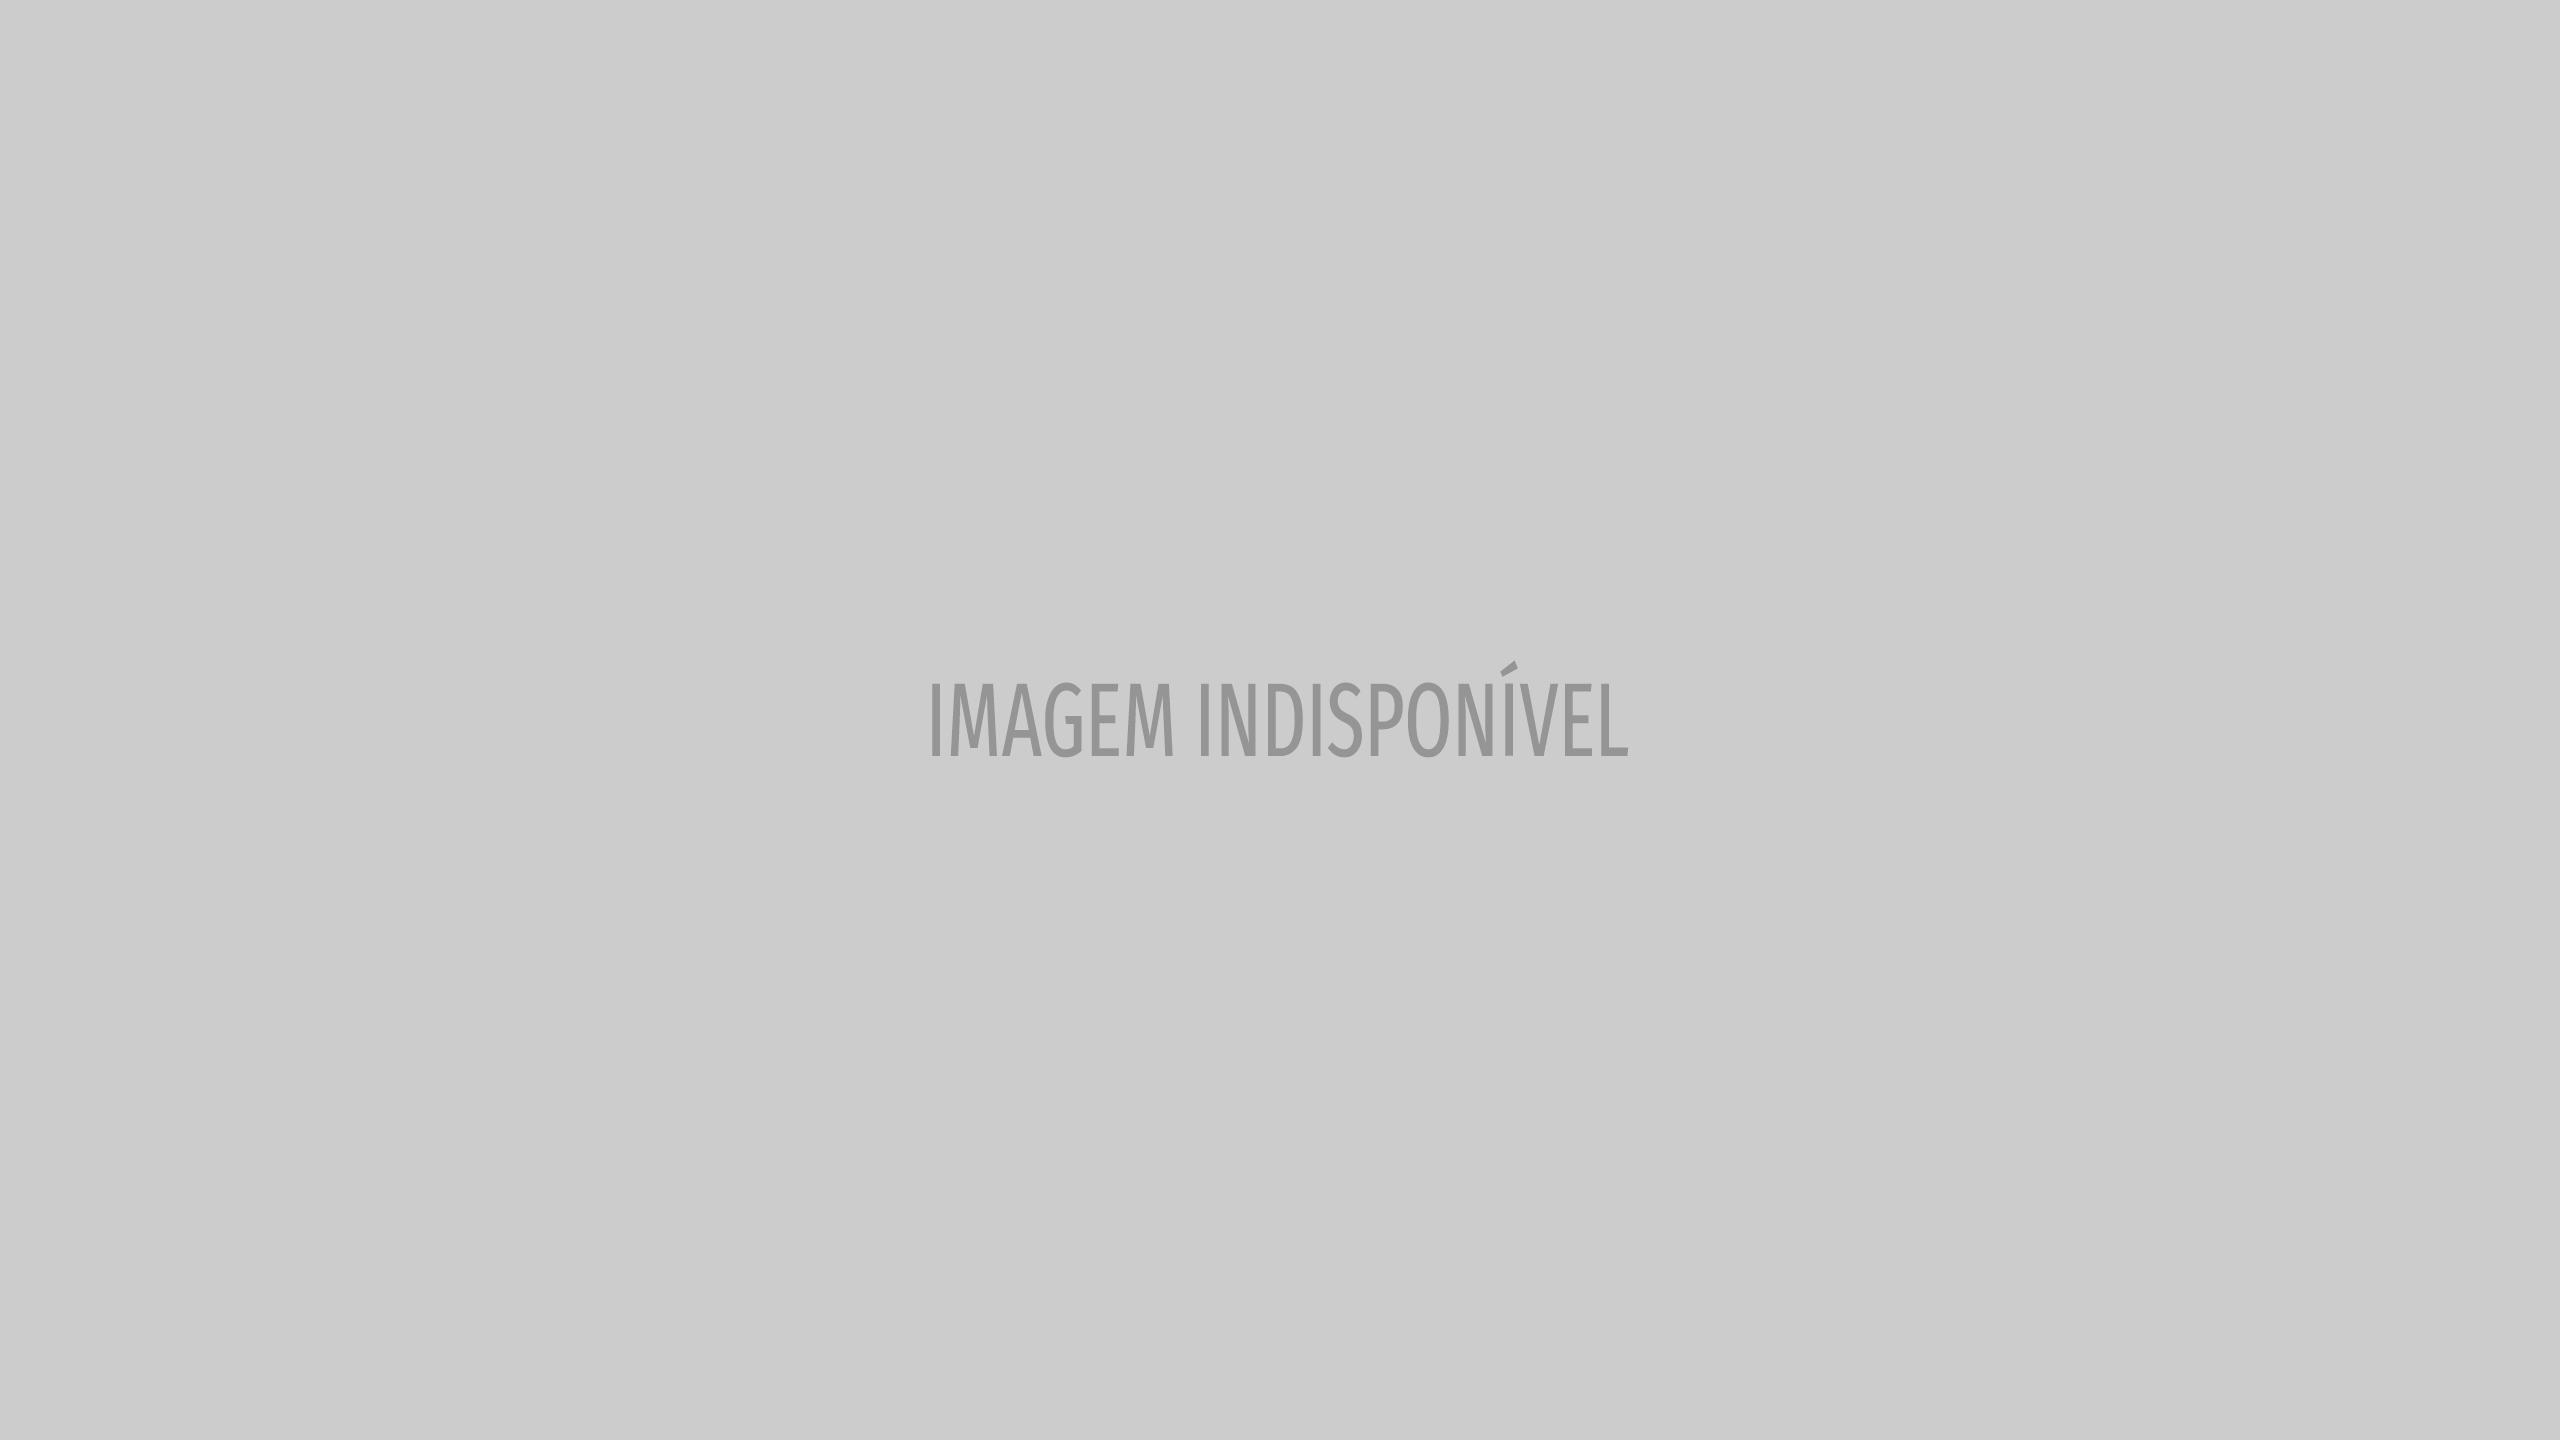 José Castelo Branco beija na boca a advogada que o defende em tribunal